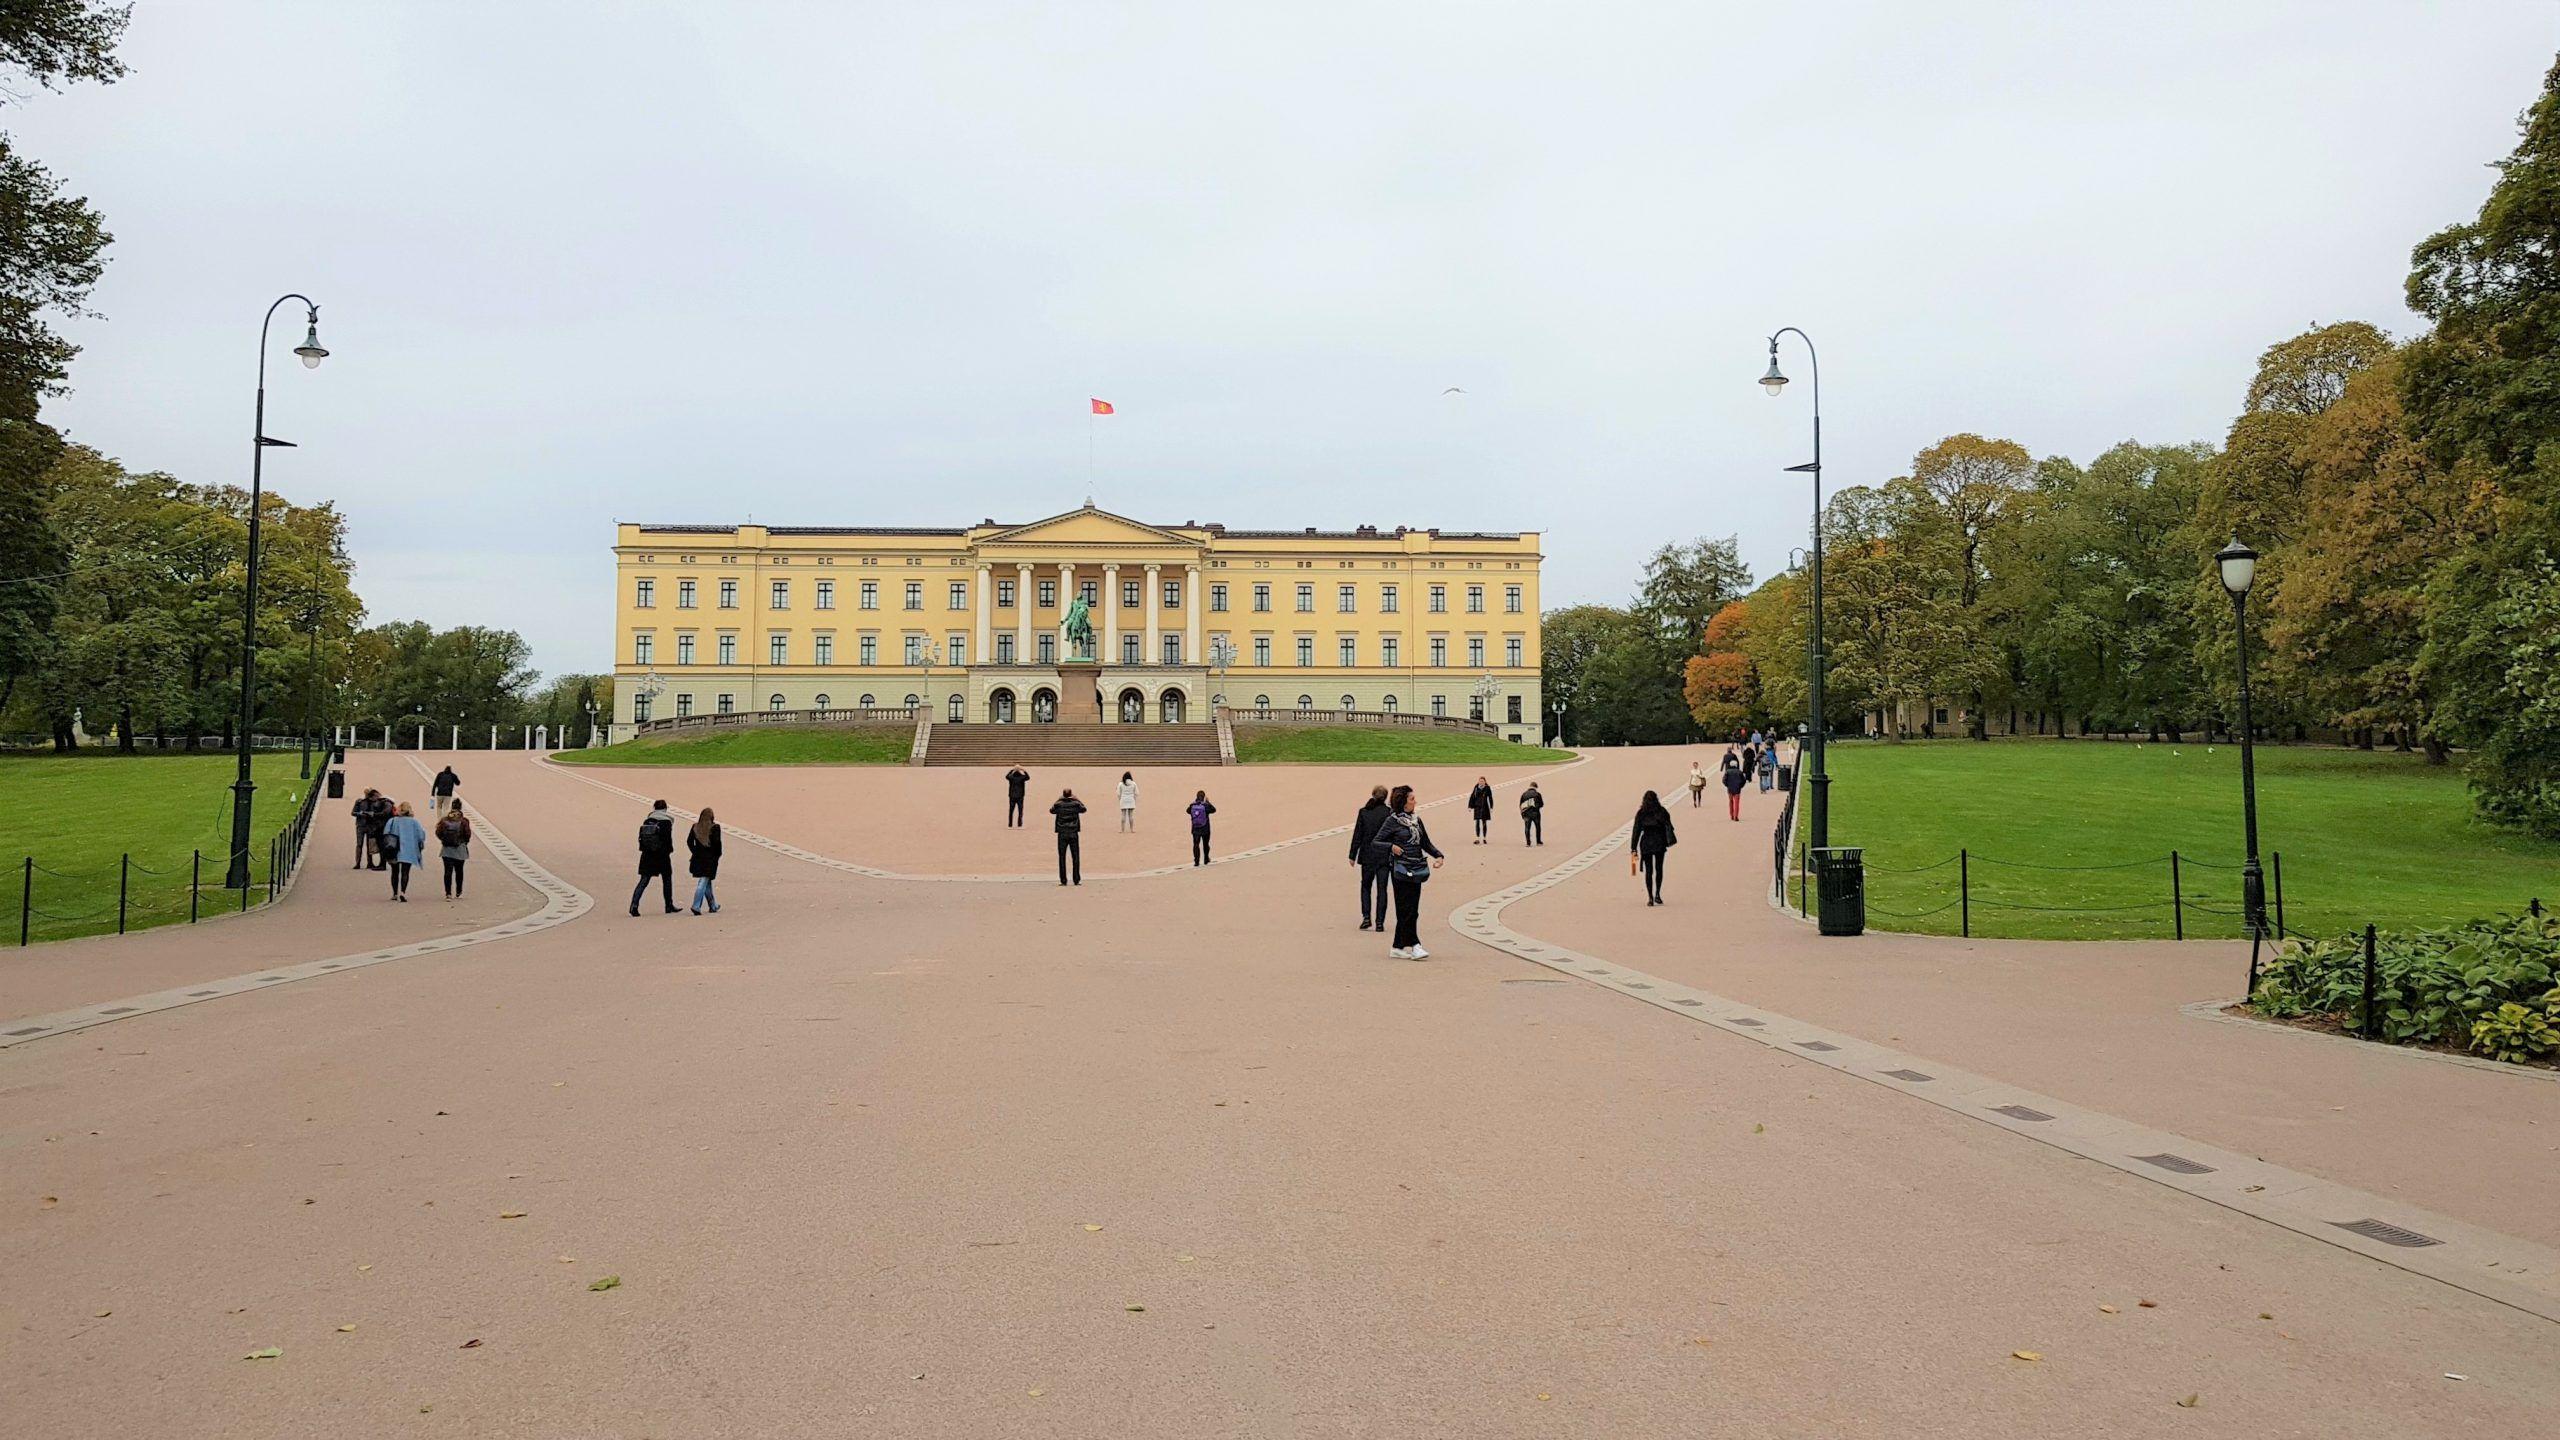 Castillo det kongelige slott residencia de los reyes de Noruega en Oslo